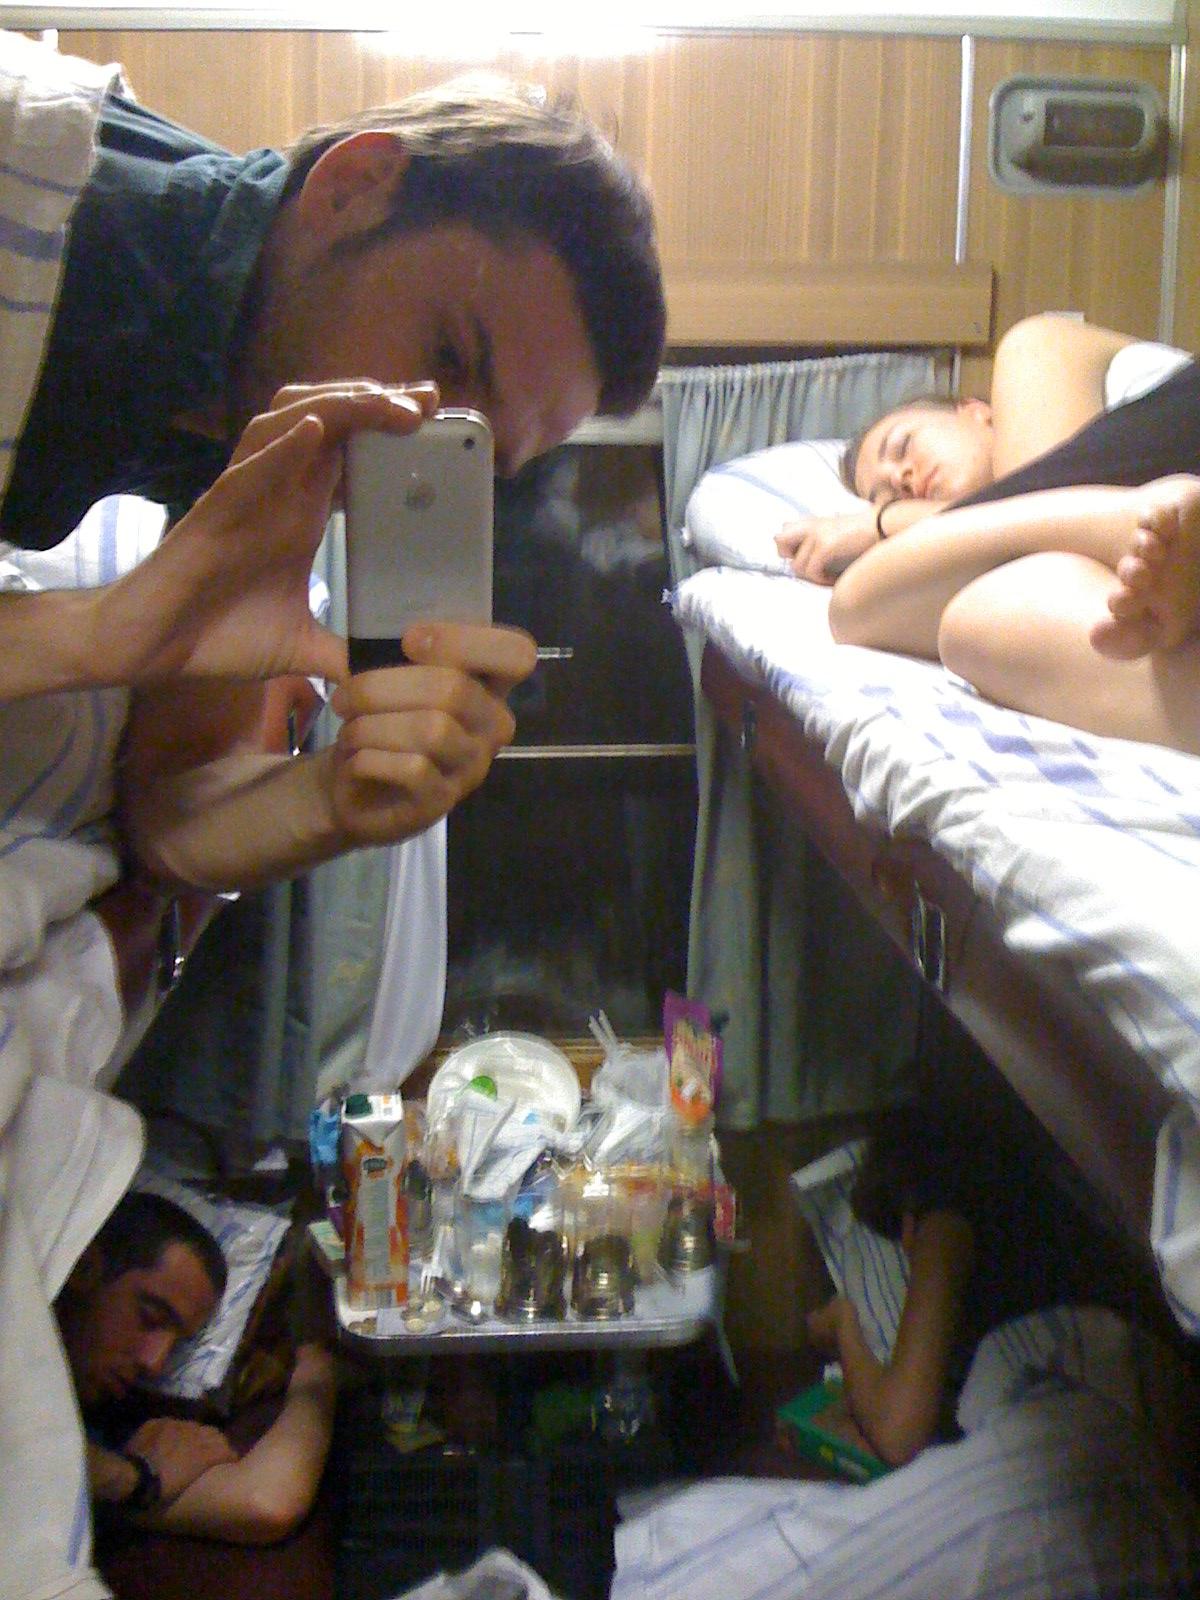 Художественное фото парень и две девушки 1 фотография